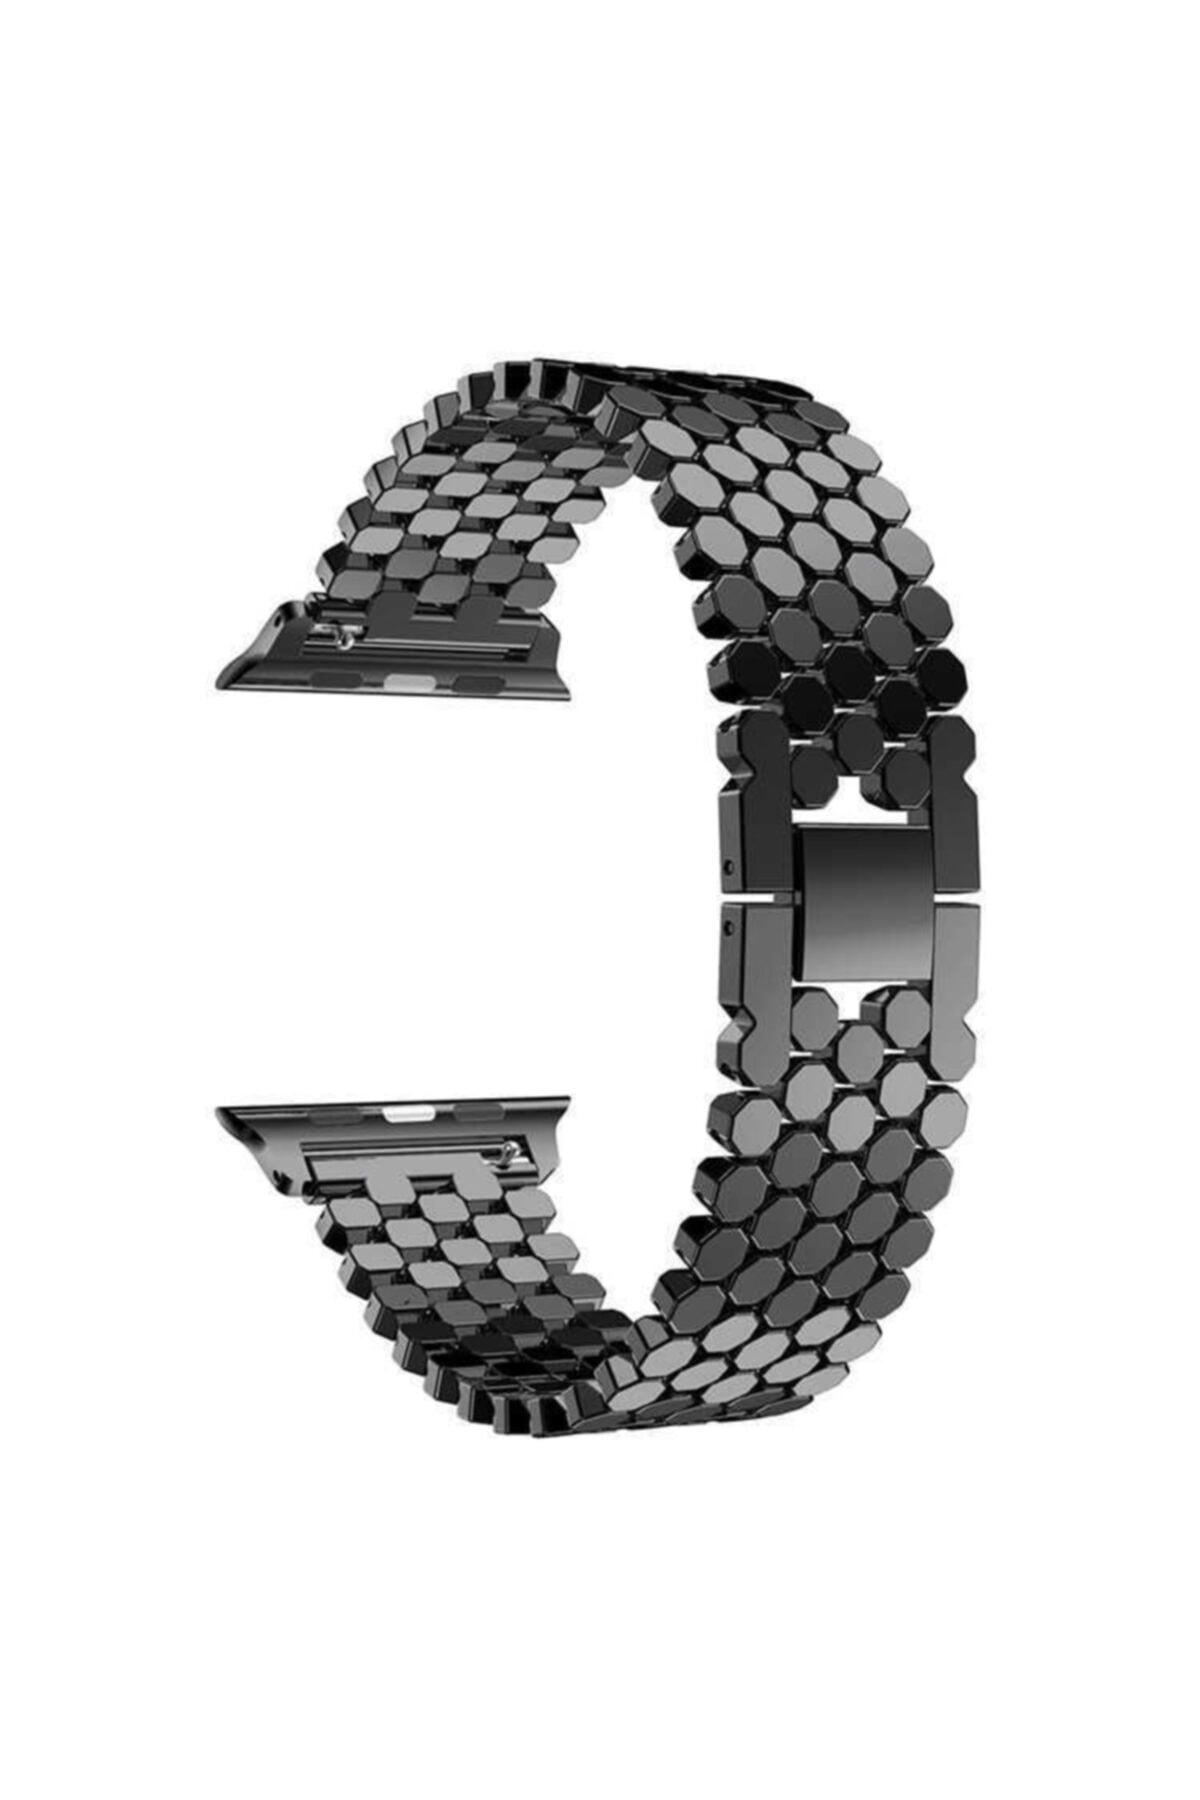 zore Apple Watch 6 40mm Bal Peteği Tasarımlı Metal Gövdeli Kordon 2